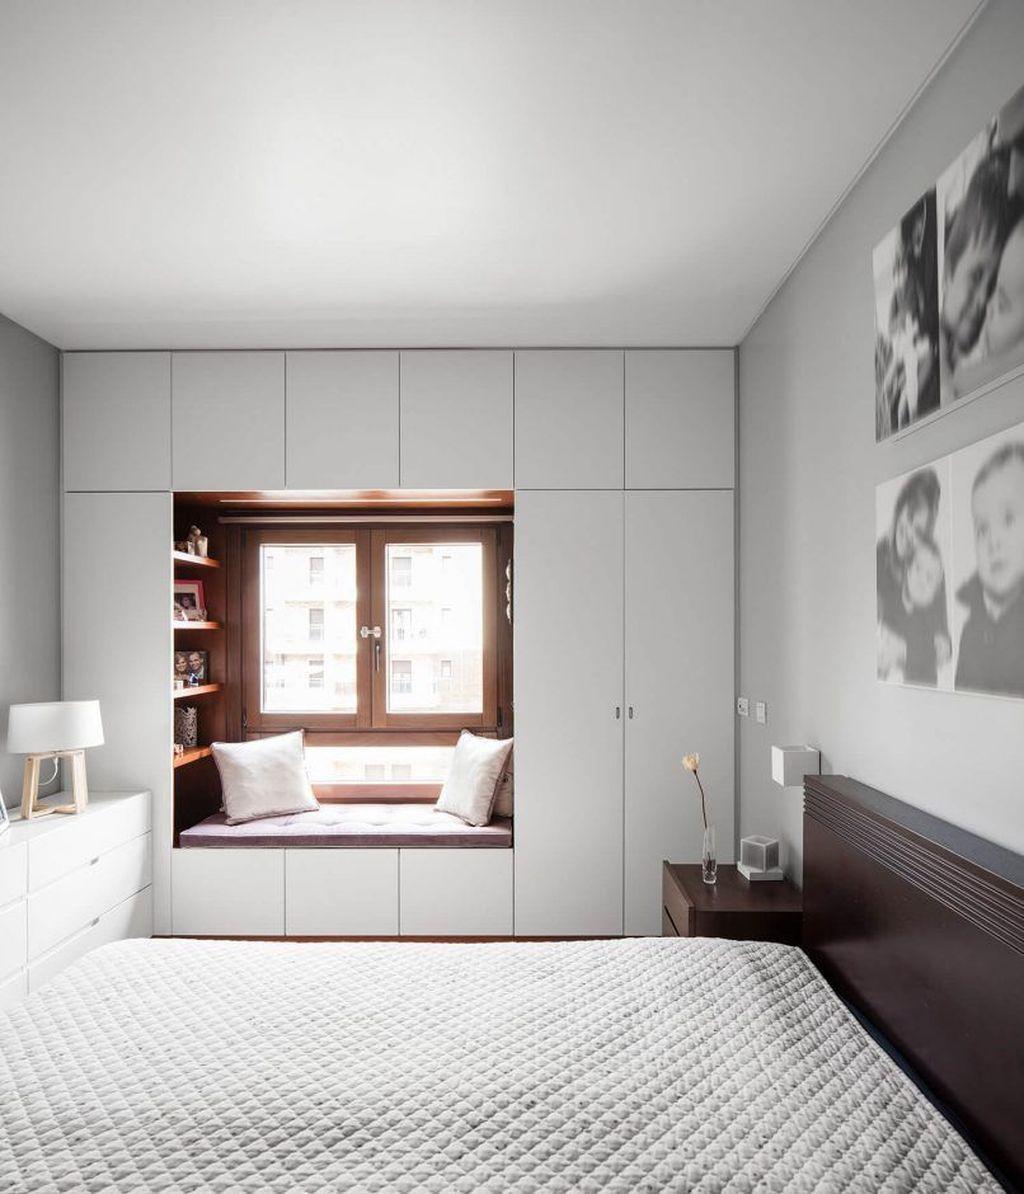 42 Fantastische Ideen für die Aufbewahrung in Ihrem Schlafzimmer